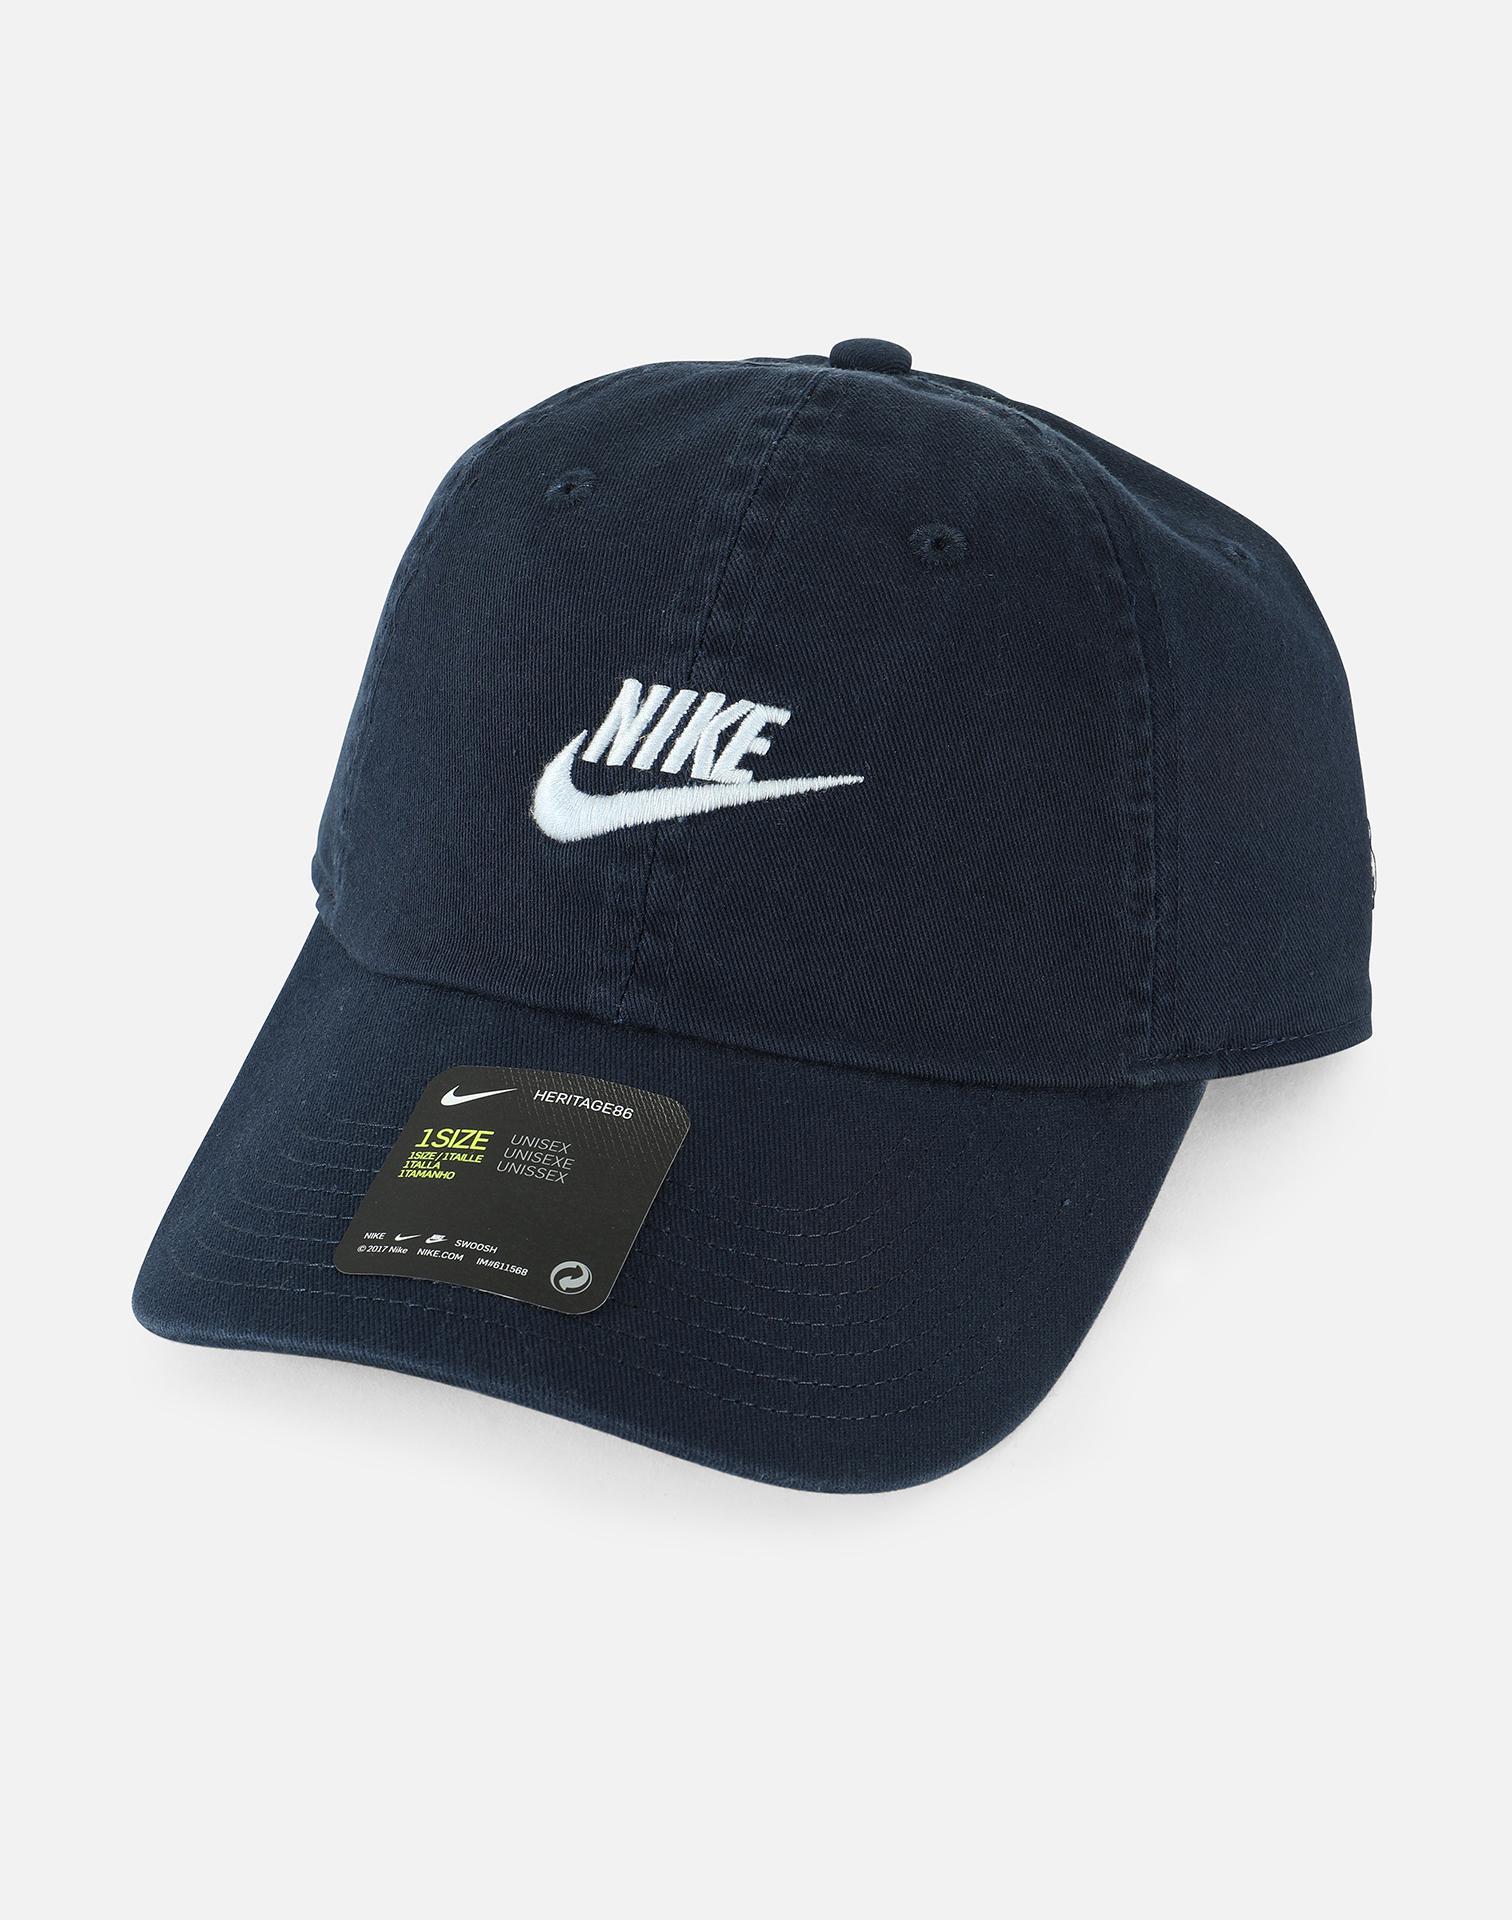 6bce201a Lyst - Nike Nsw H86 Futura Cap in Blue for Men